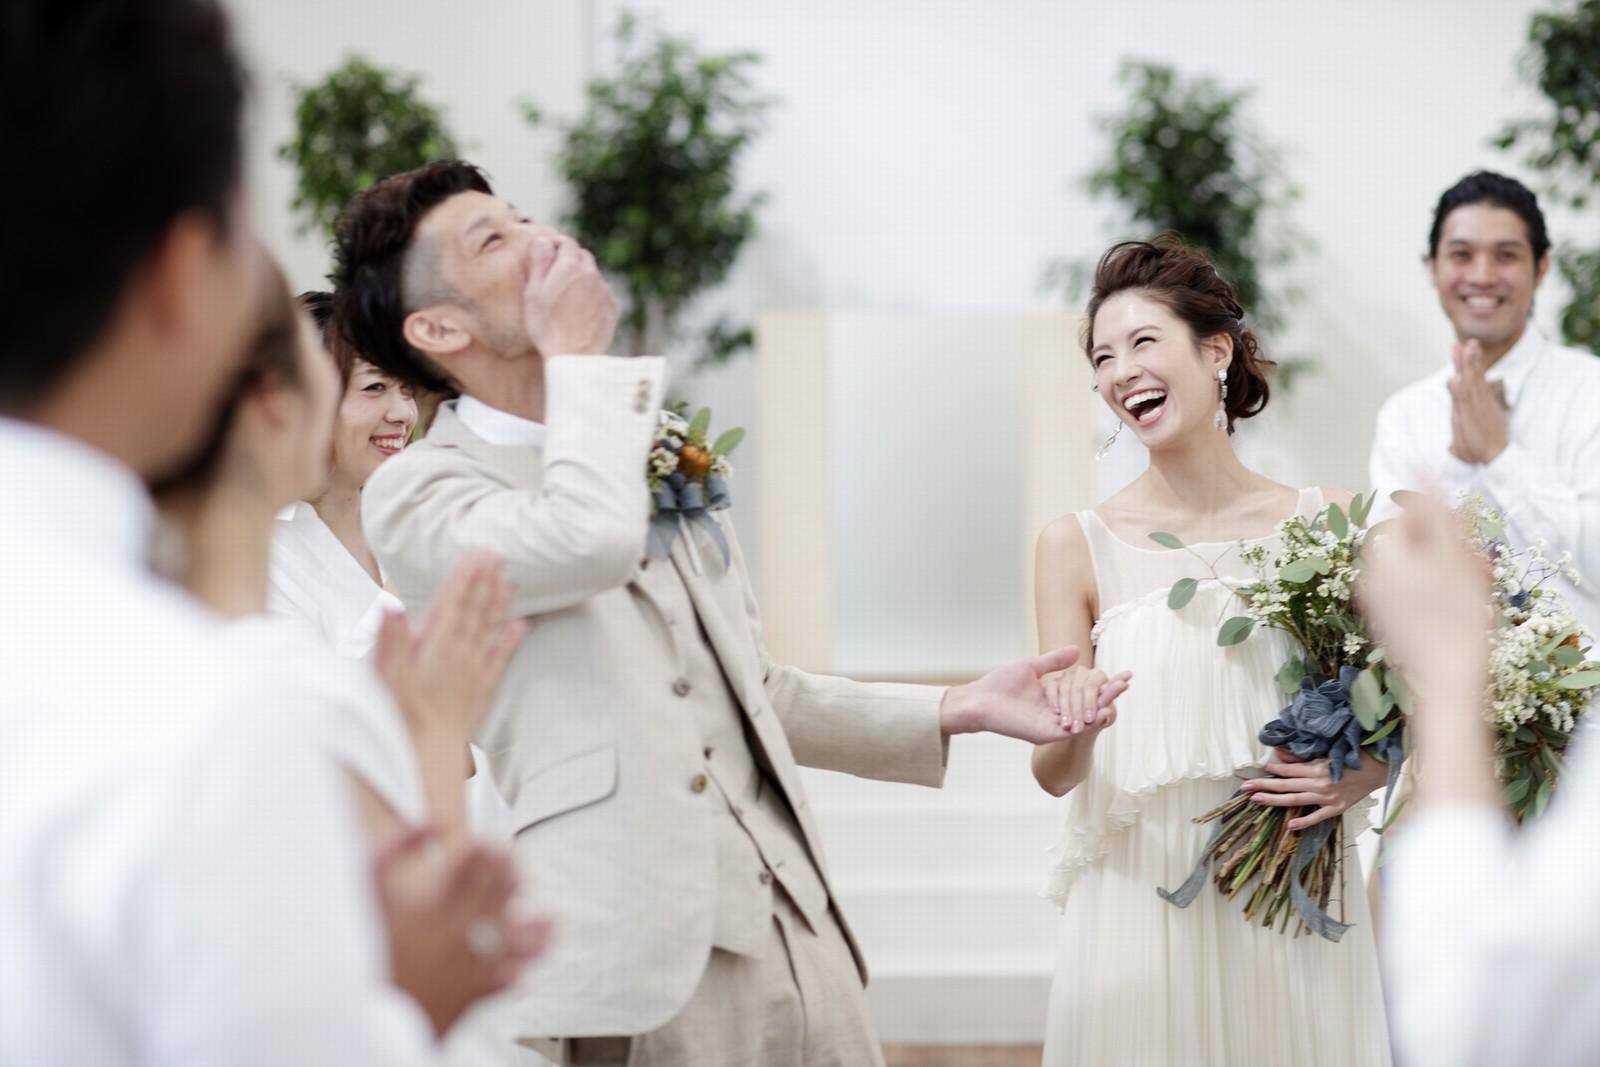 徳島県の結婚式場ブランアンジュの人前式